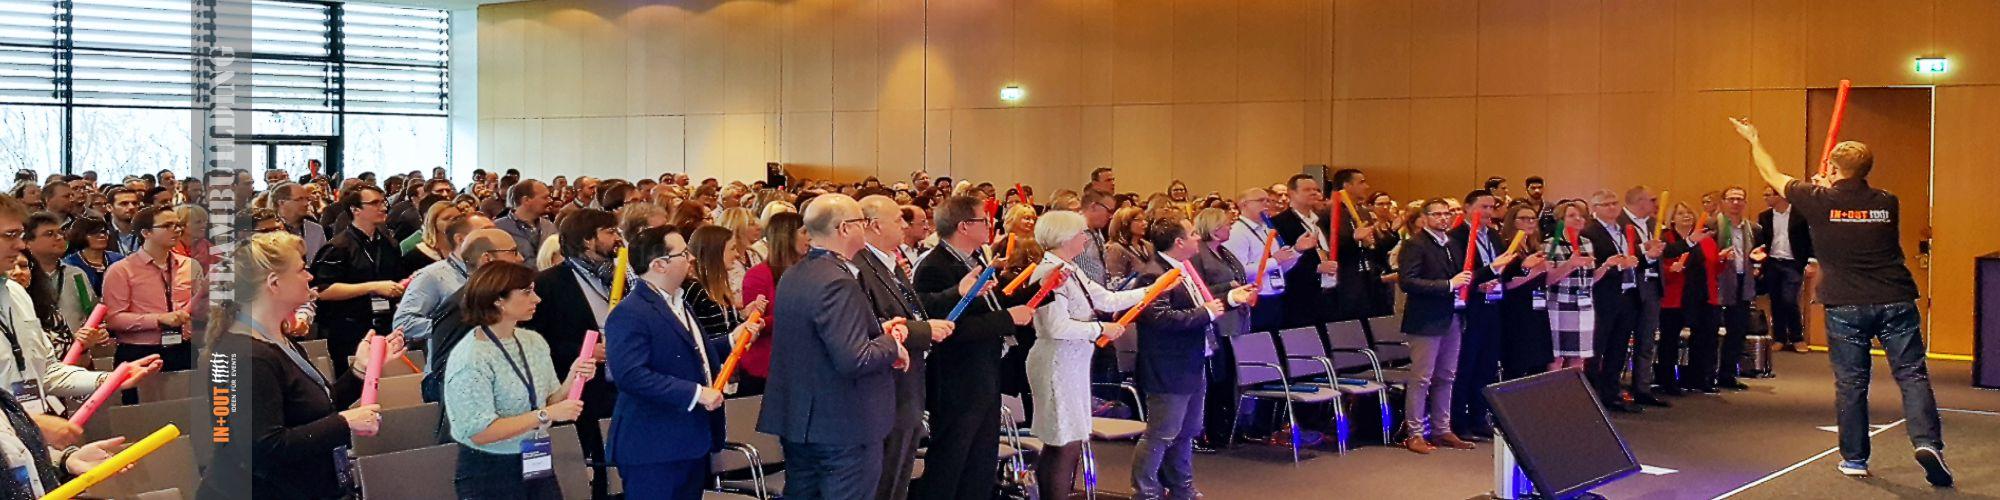 Ideen für Team Events - Bommwhacker Incentive - Lufthansa 550 Teilnehmer - München